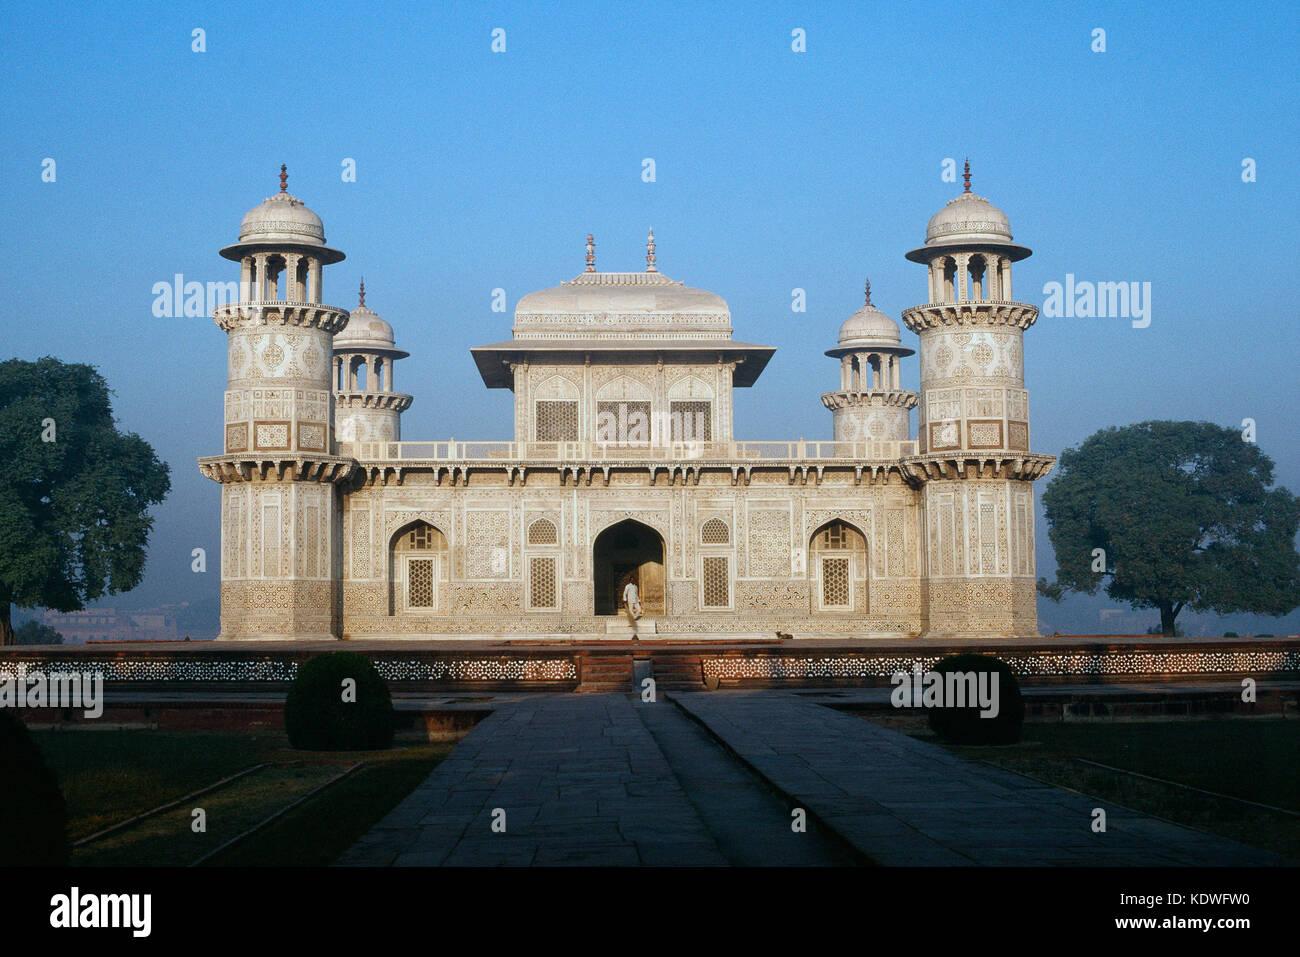 India. Agra. Itimad-ud-Daula. Mirza Gyas Beg mausoleum. - Stock Image